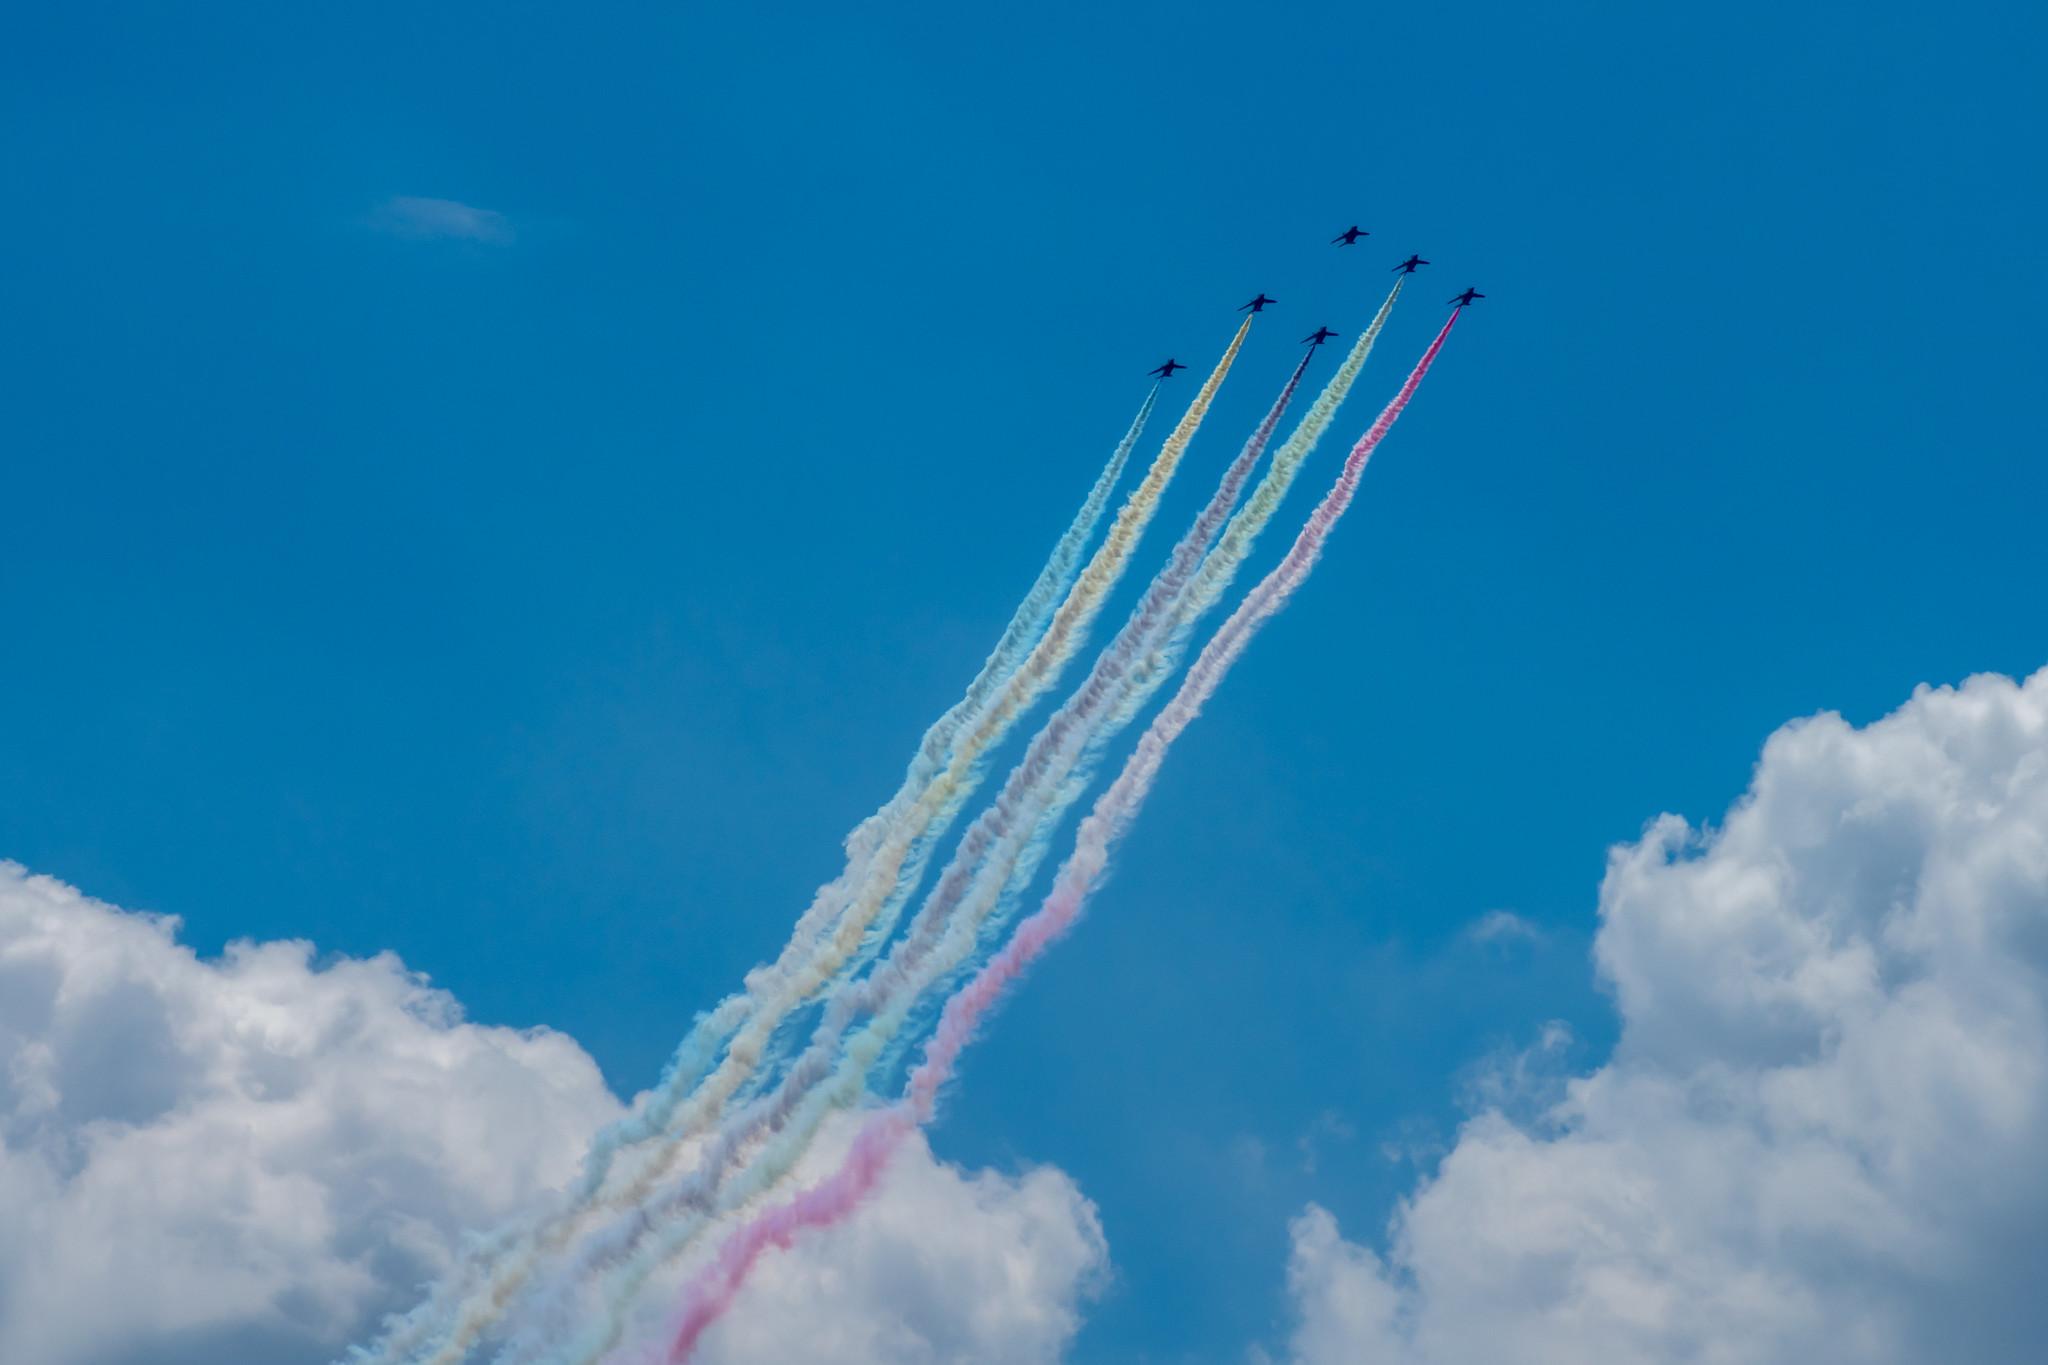 祝 東京2020オリンピック 開会 ブルーインパルス展示飛行を銀座で撮影